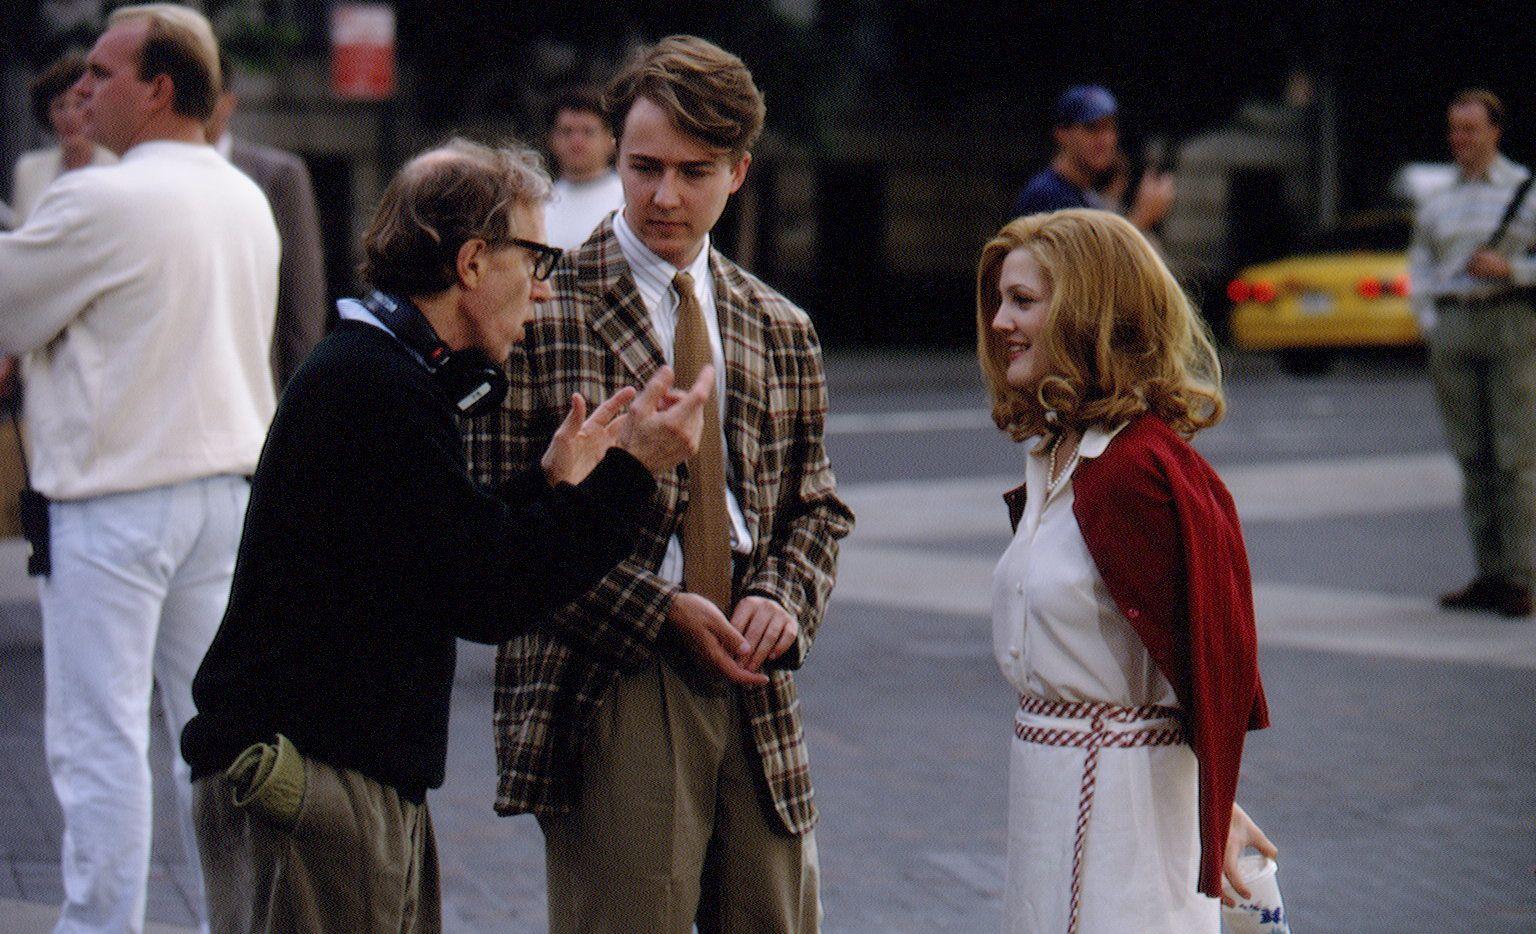 """Woody Allen dando direcciones a Drew Barrymore durante la filmación de """"Everybody Says I Love You"""" (Foto de Lawrence Schwartzwald/Sygma via Getty Images)"""